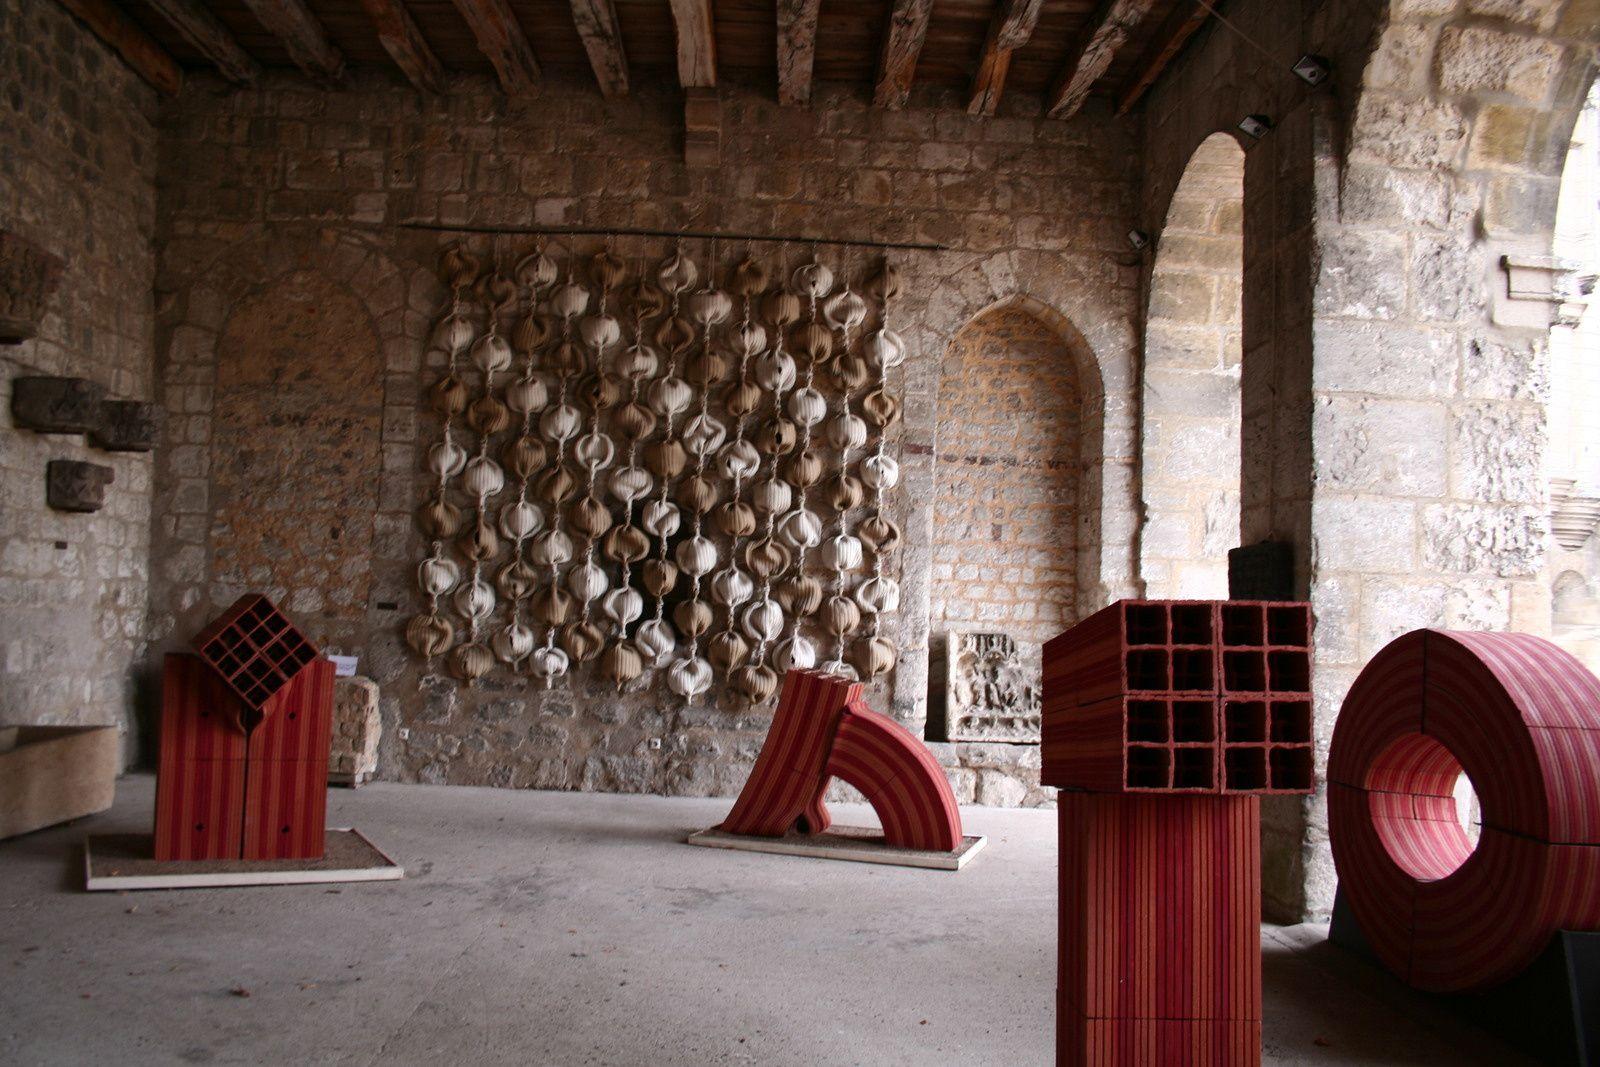 Anne Barrès expose ses sculptures dans la cour de l'ancien palais épiscopal de Beauvais (60)